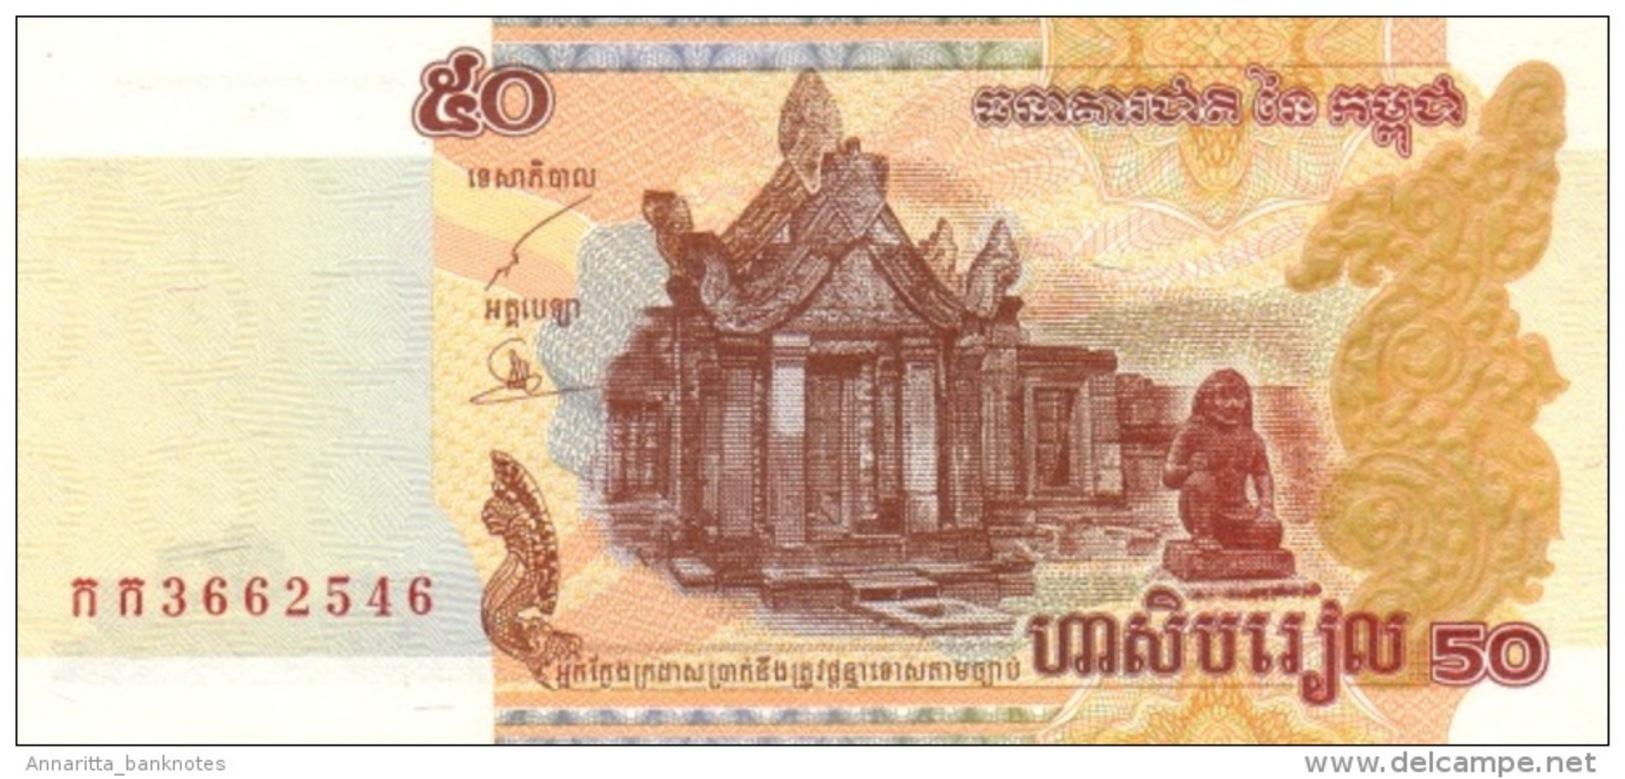 CAMBODIA 50 RIELS 2002 P-52a UNC  [KH415a] - Cambodia